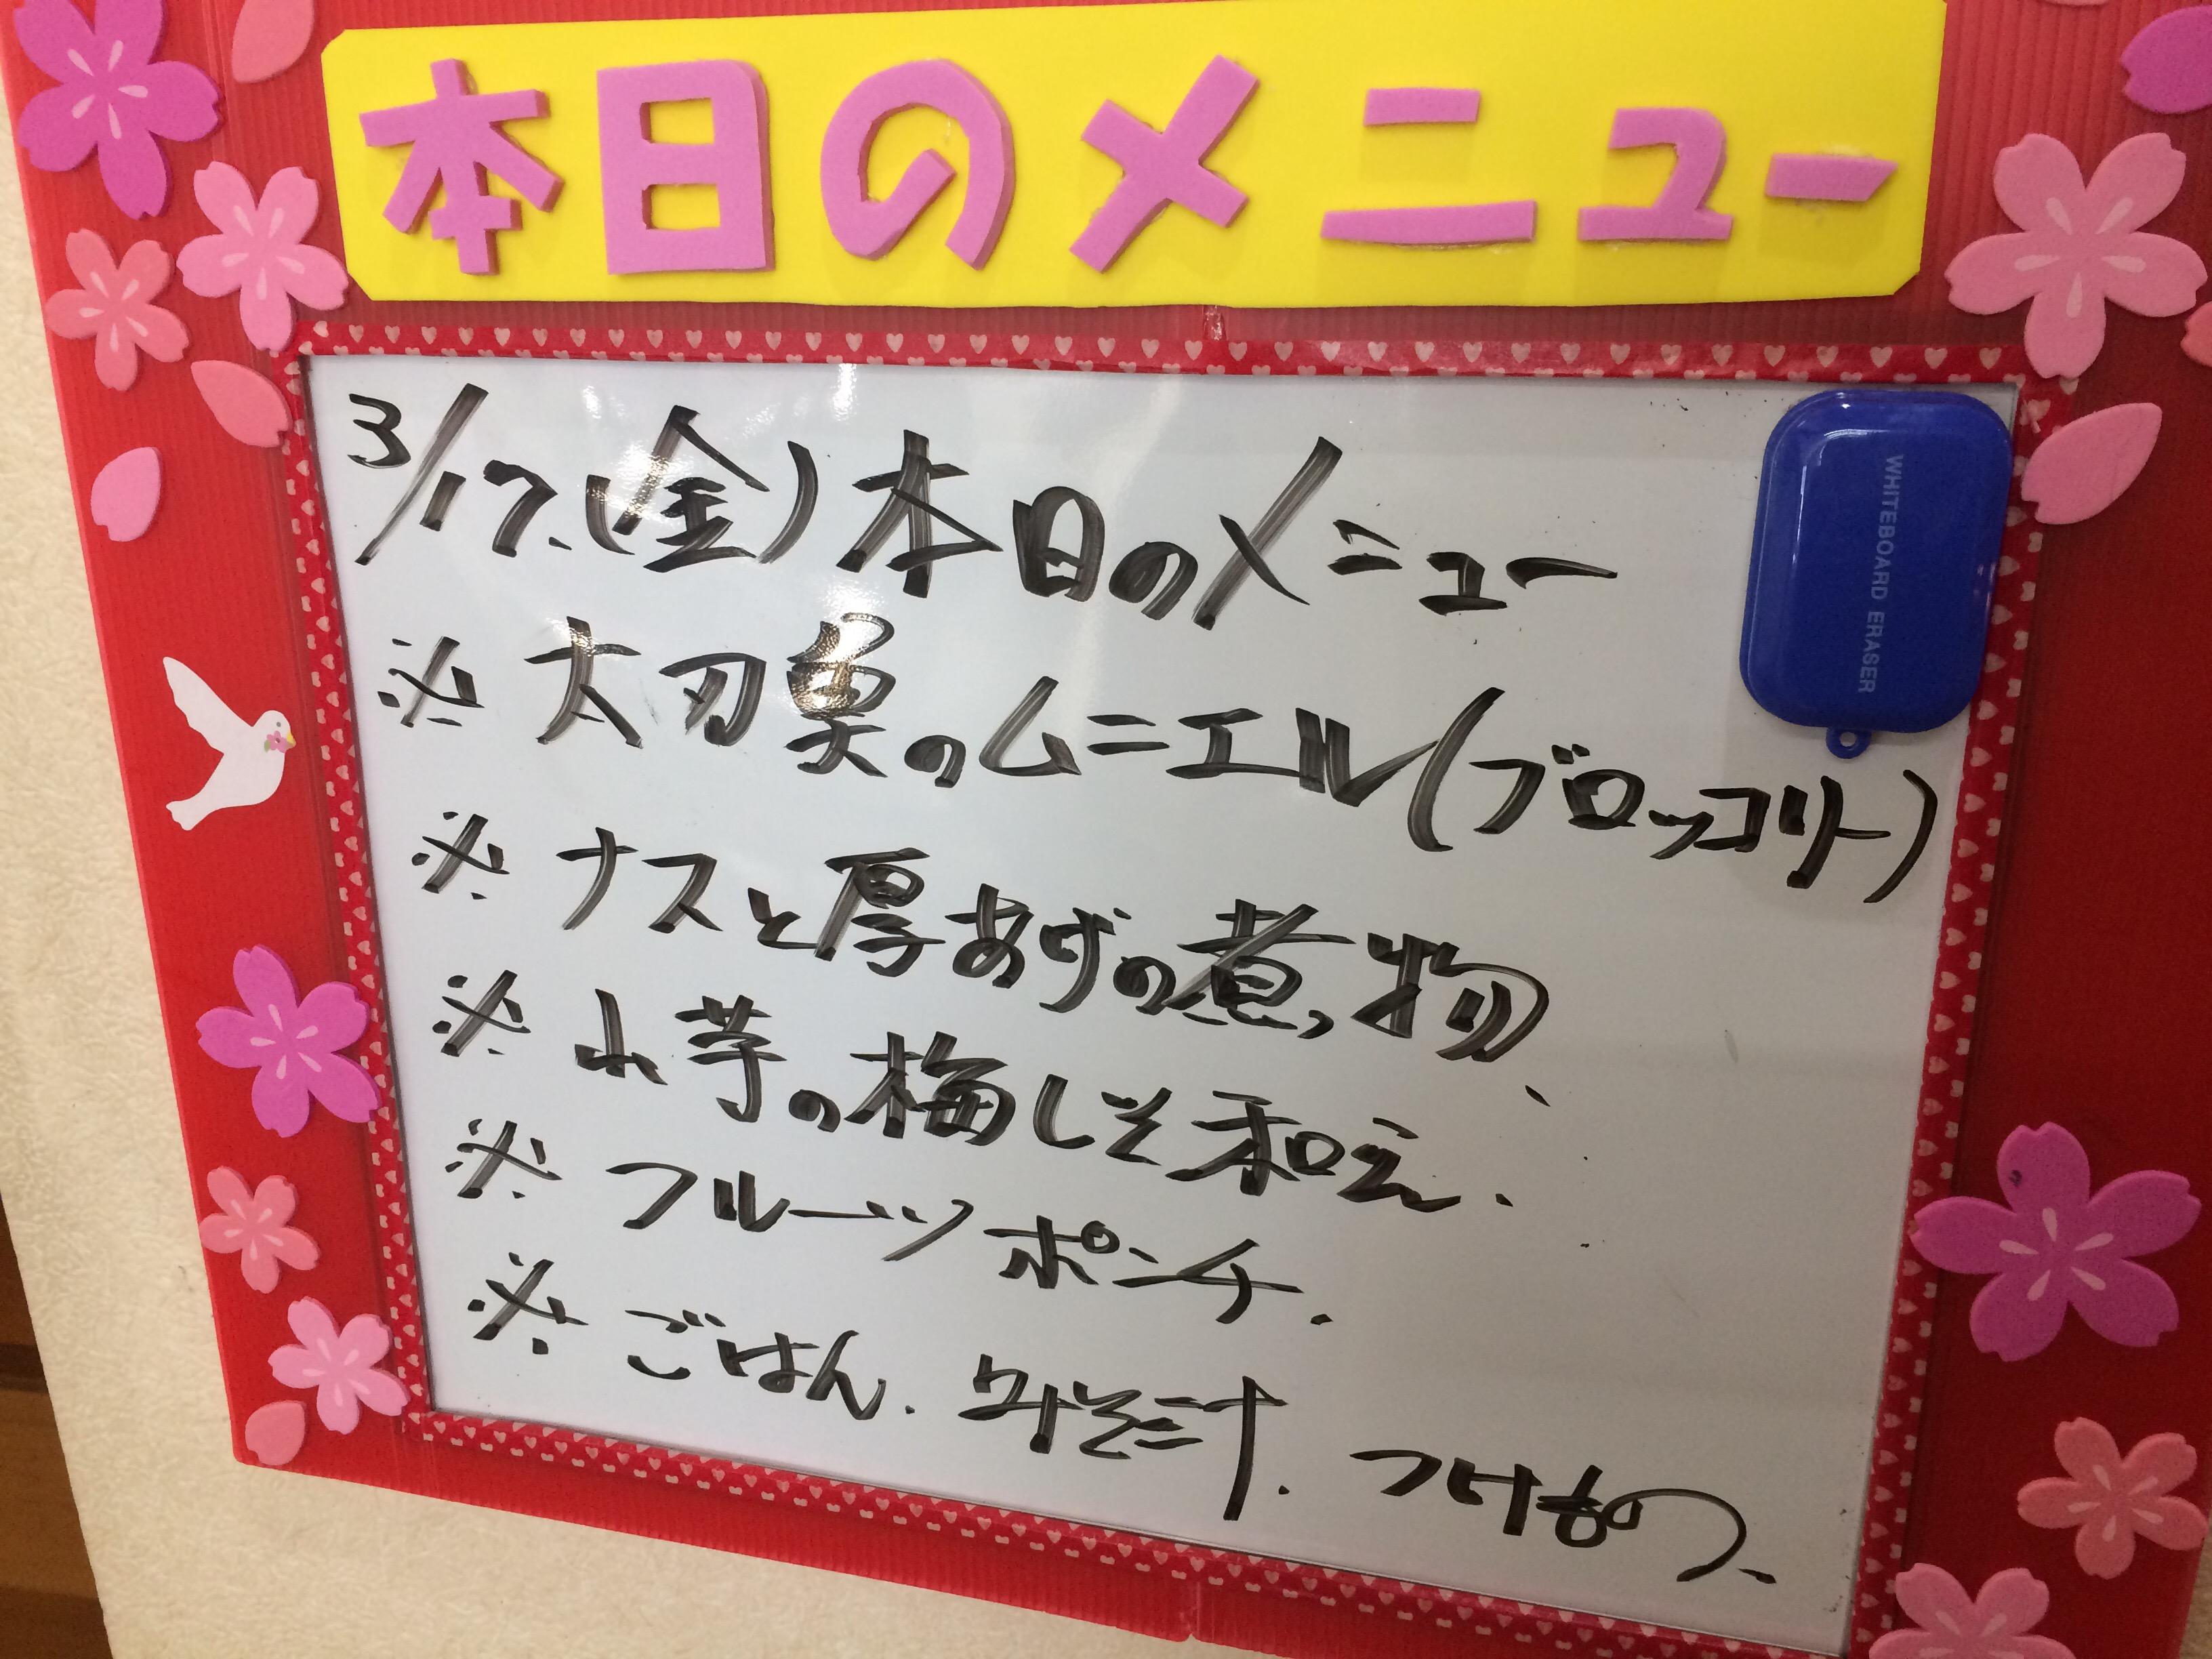 img 0168 1 - さくら館のお昼ごはん🍚🌸だぜぇ〜〜〜♪